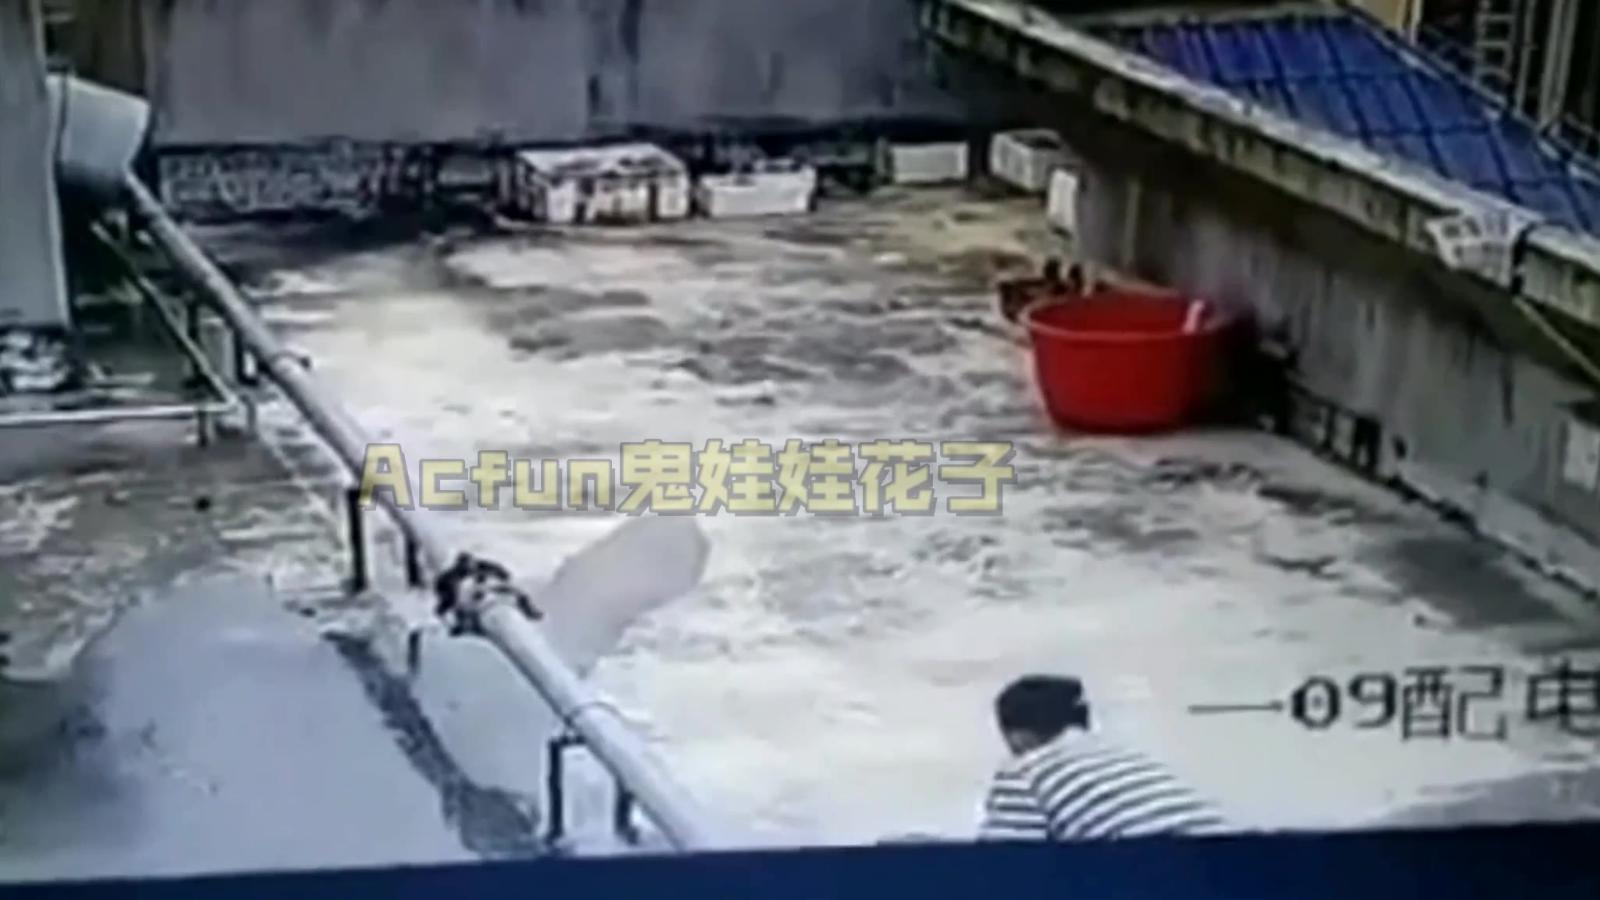 广西一13岁男孩家里偷汽油,泼小区天台点燃,火焰瞬间蔓延楼顶